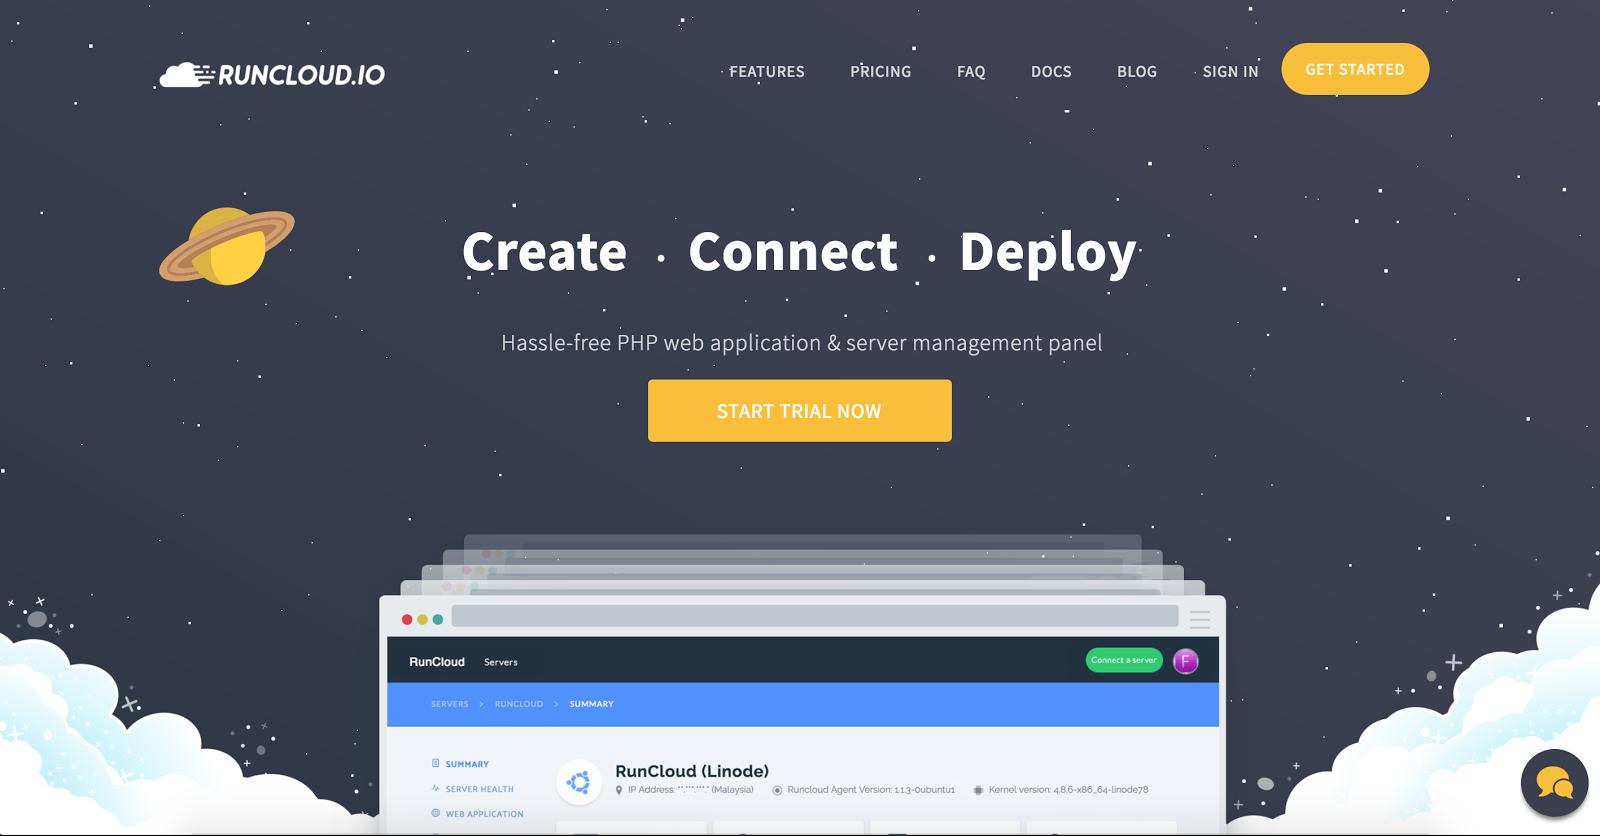 RunCloud website